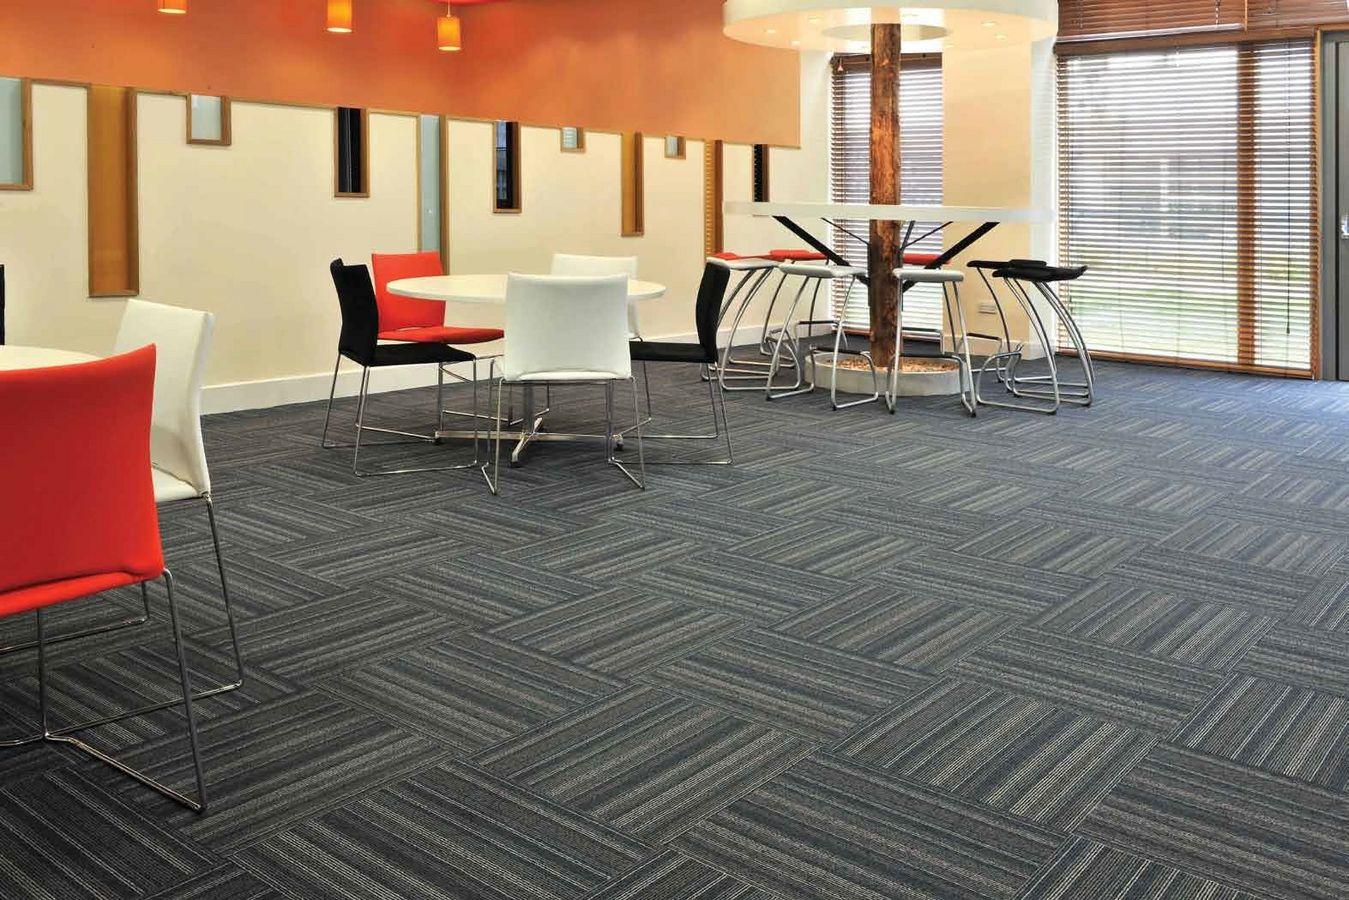 Commercial carpet tiles COWTOKA modular carpet tiles